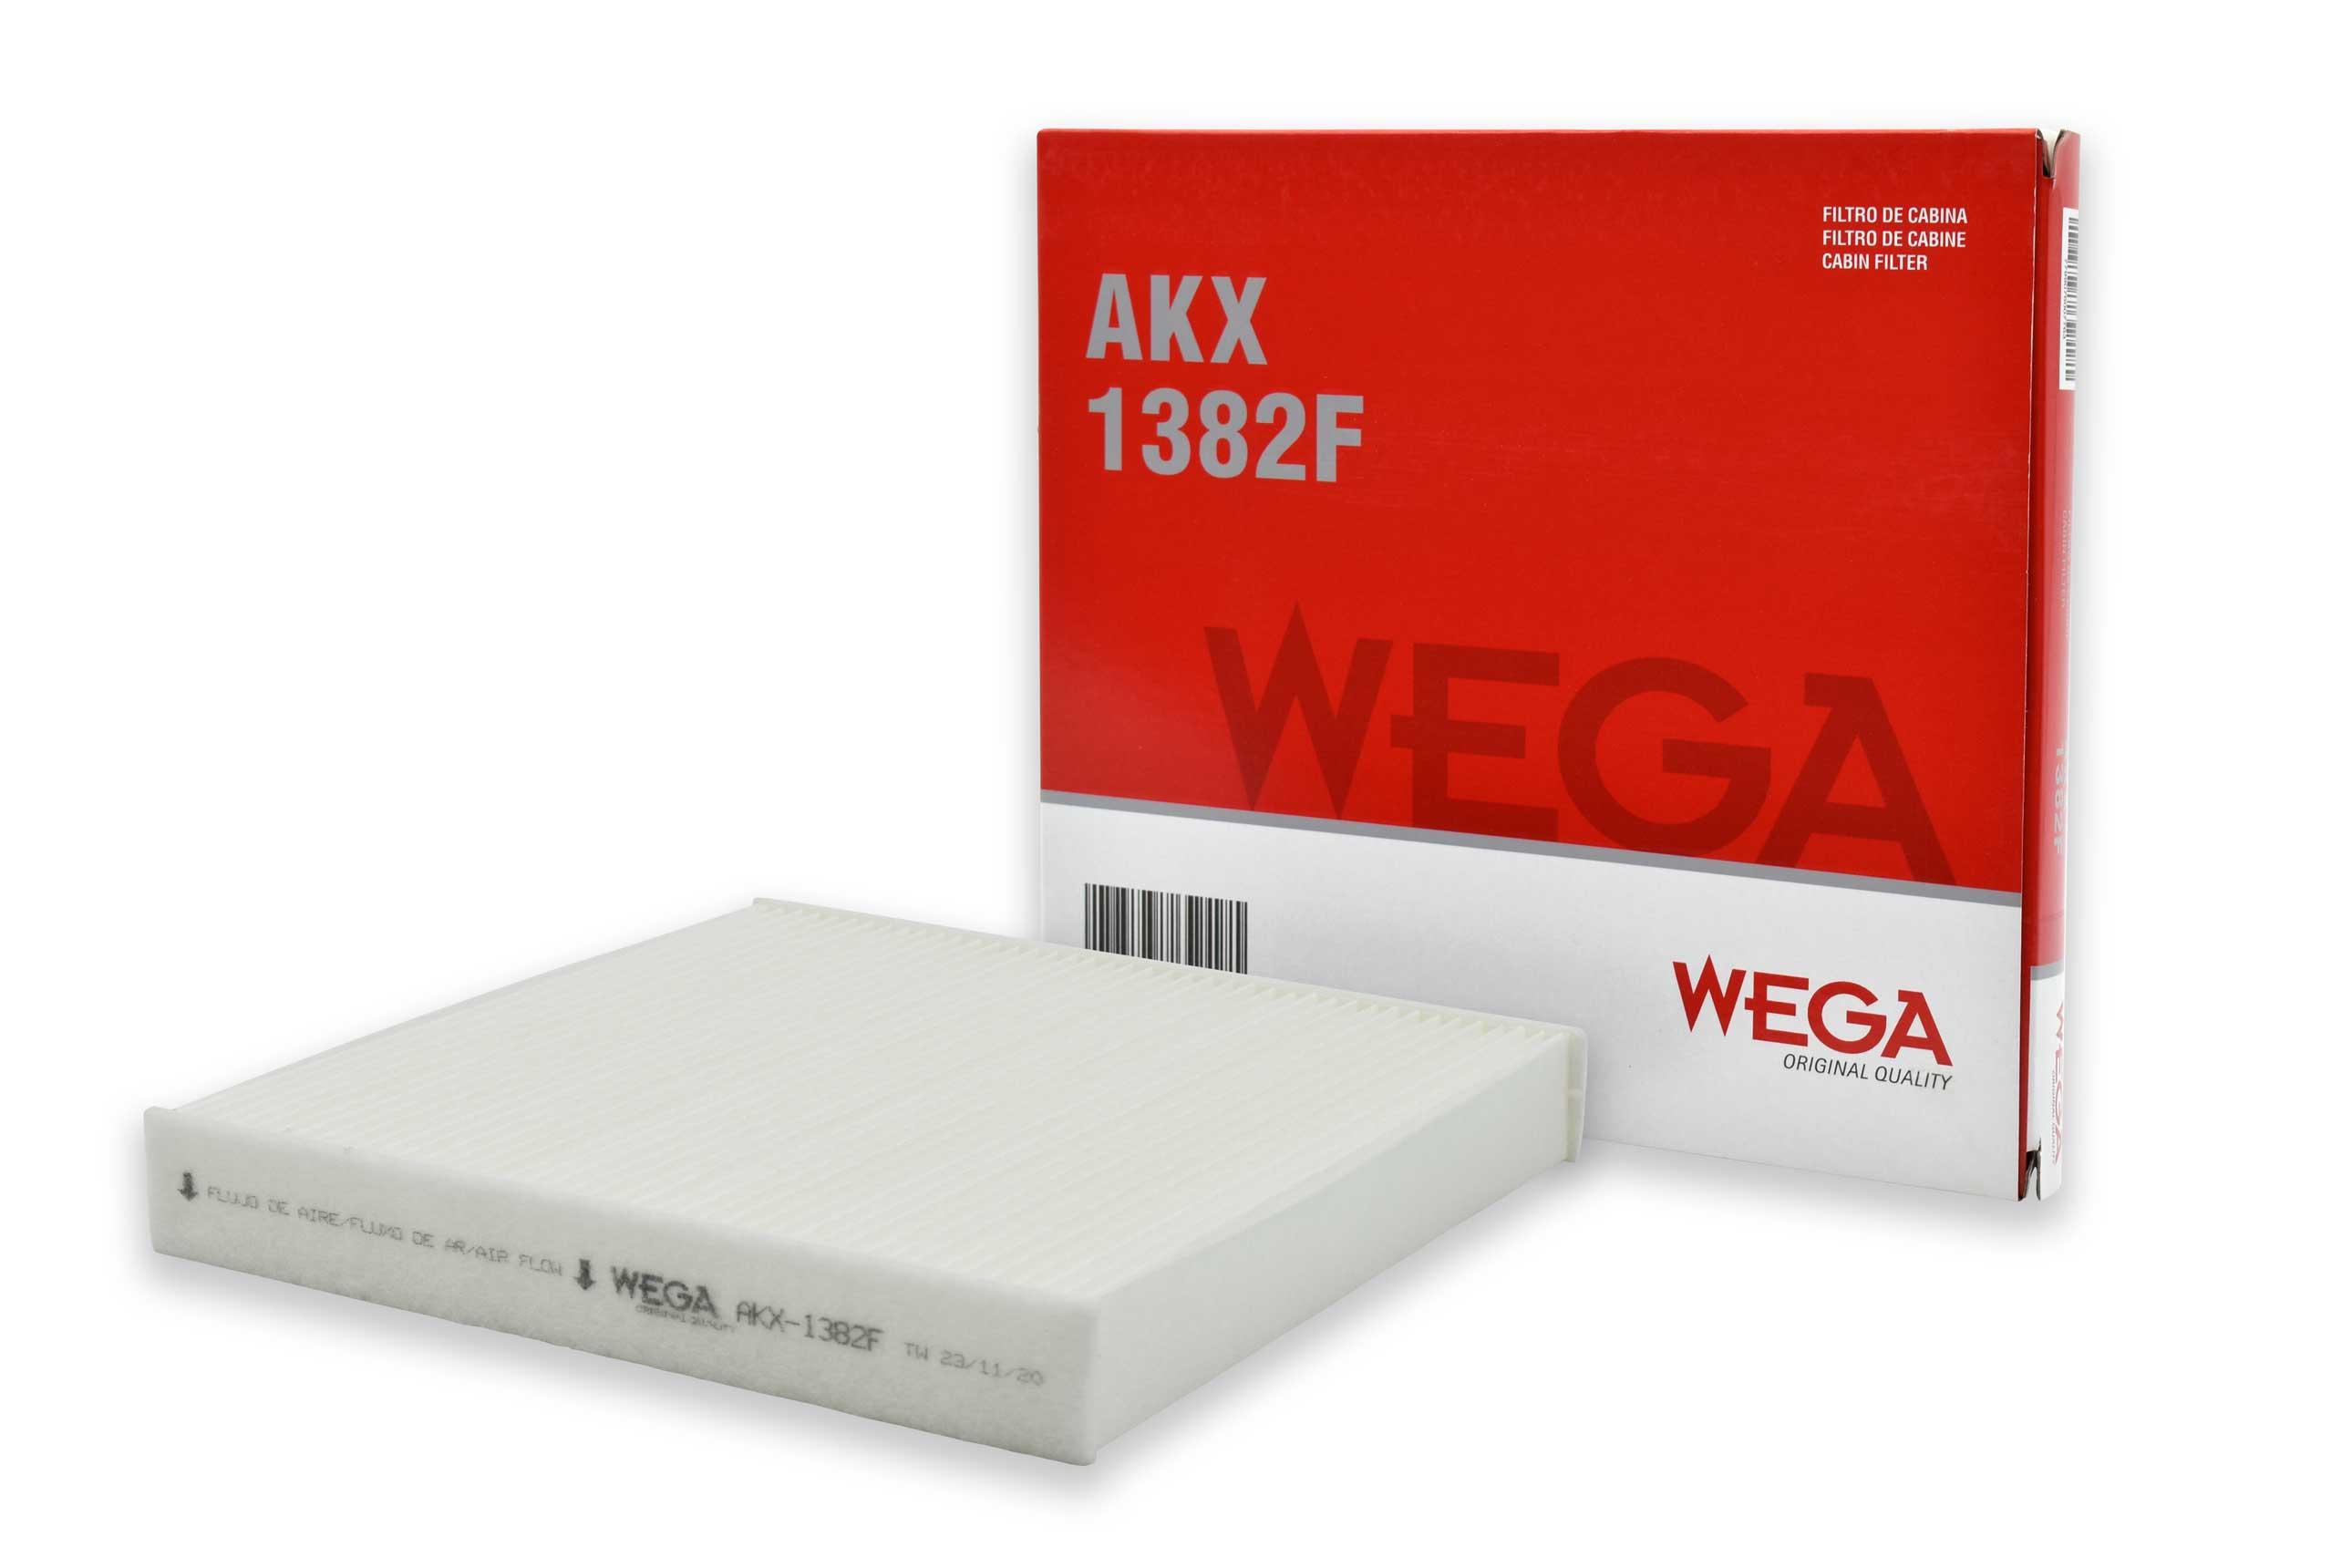 Código: AKX-1382F